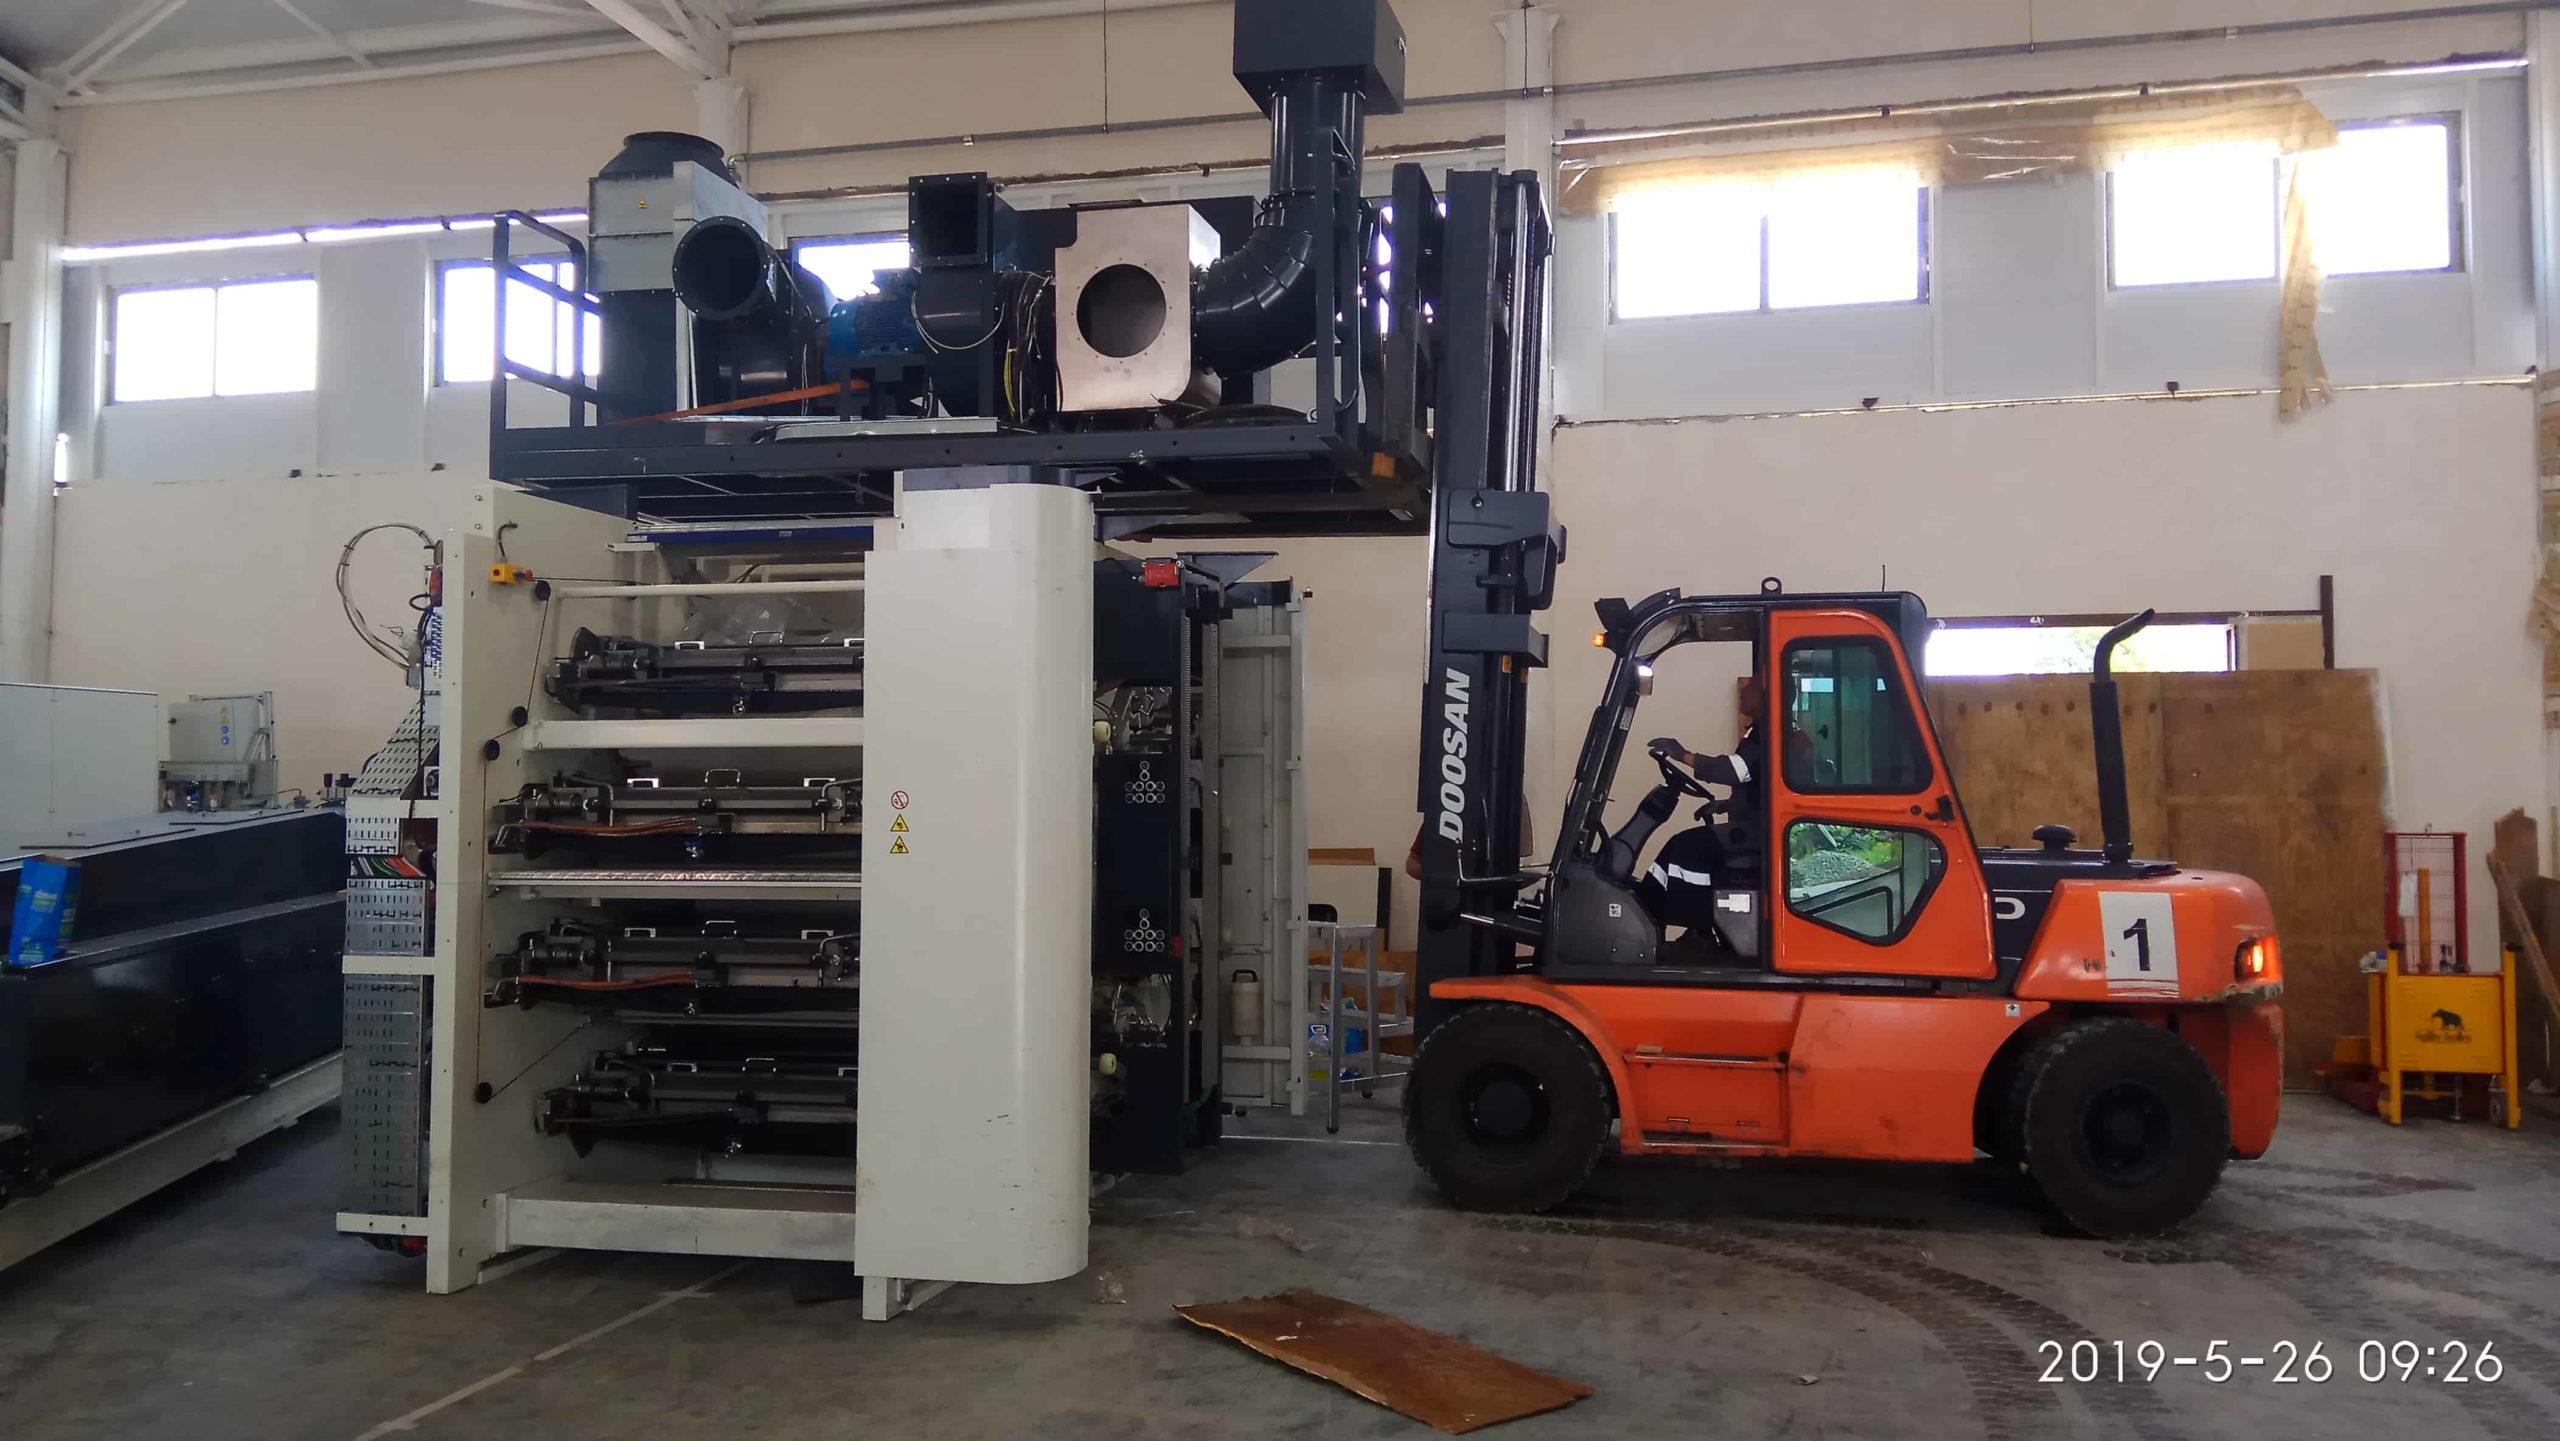 Промышленный демонтаж вентиляционного узла флексографической машины COMEXI 1300 F2 MP